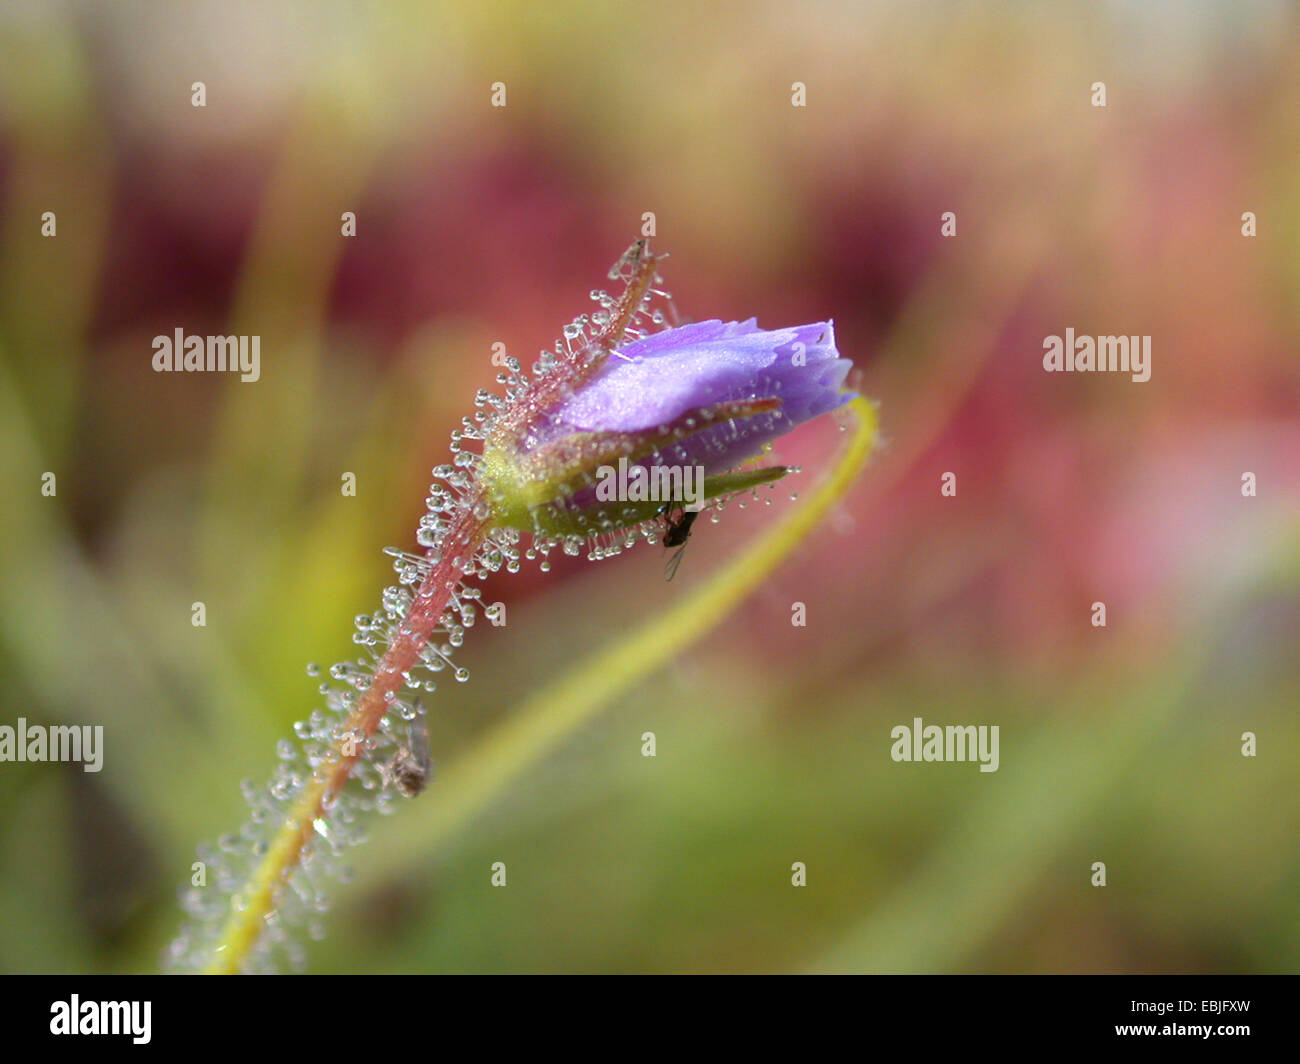 Rainbow Plant (Byblis liniflora), bud - Stock Image